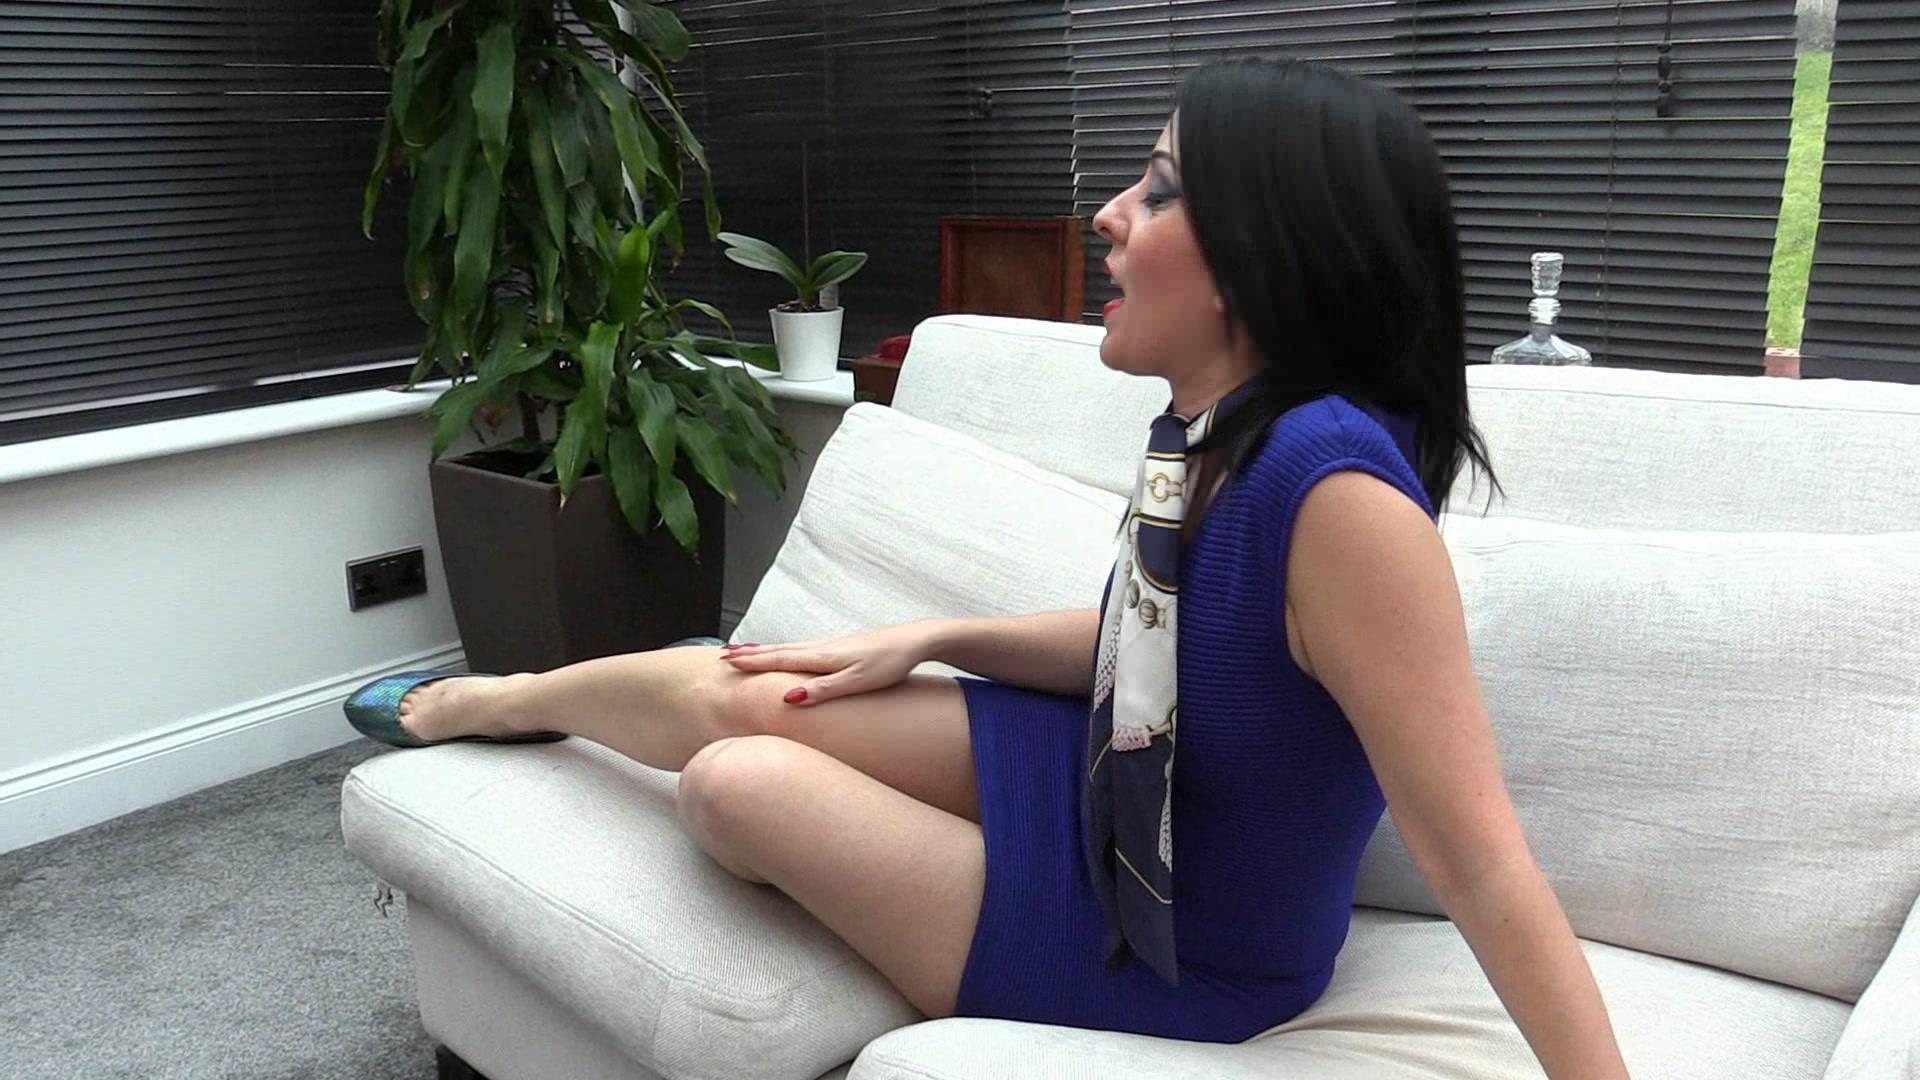 Русские госпожи куколд, Куколд муж лижет сперму - смотреть русское видео 18 фотография